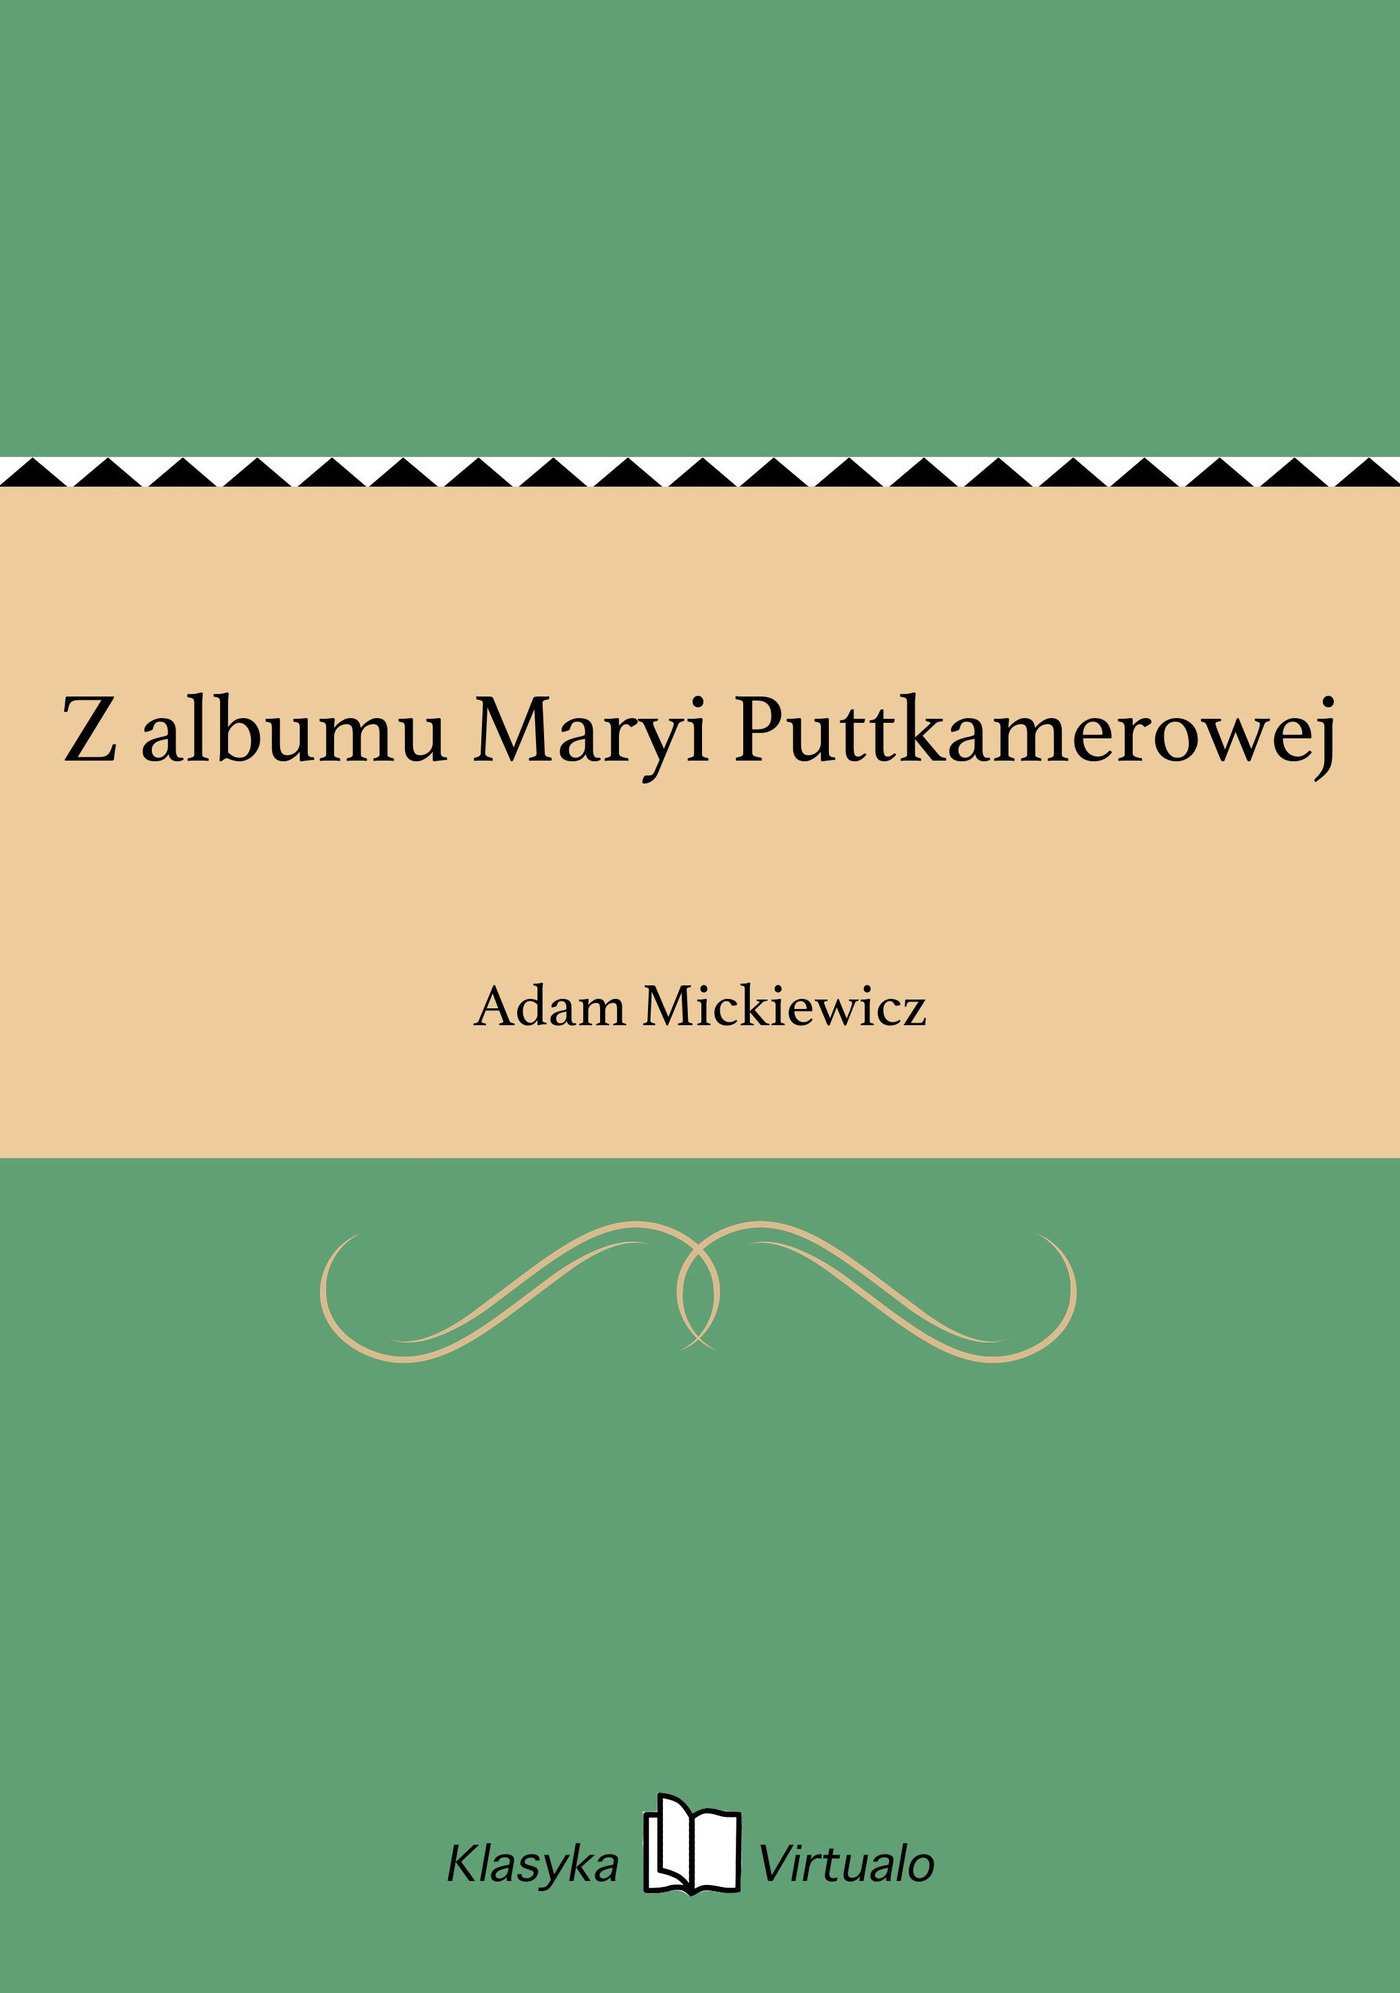 Z albumu Maryi Puttkamerowej - Ebook (Książka na Kindle) do pobrania w formacie MOBI